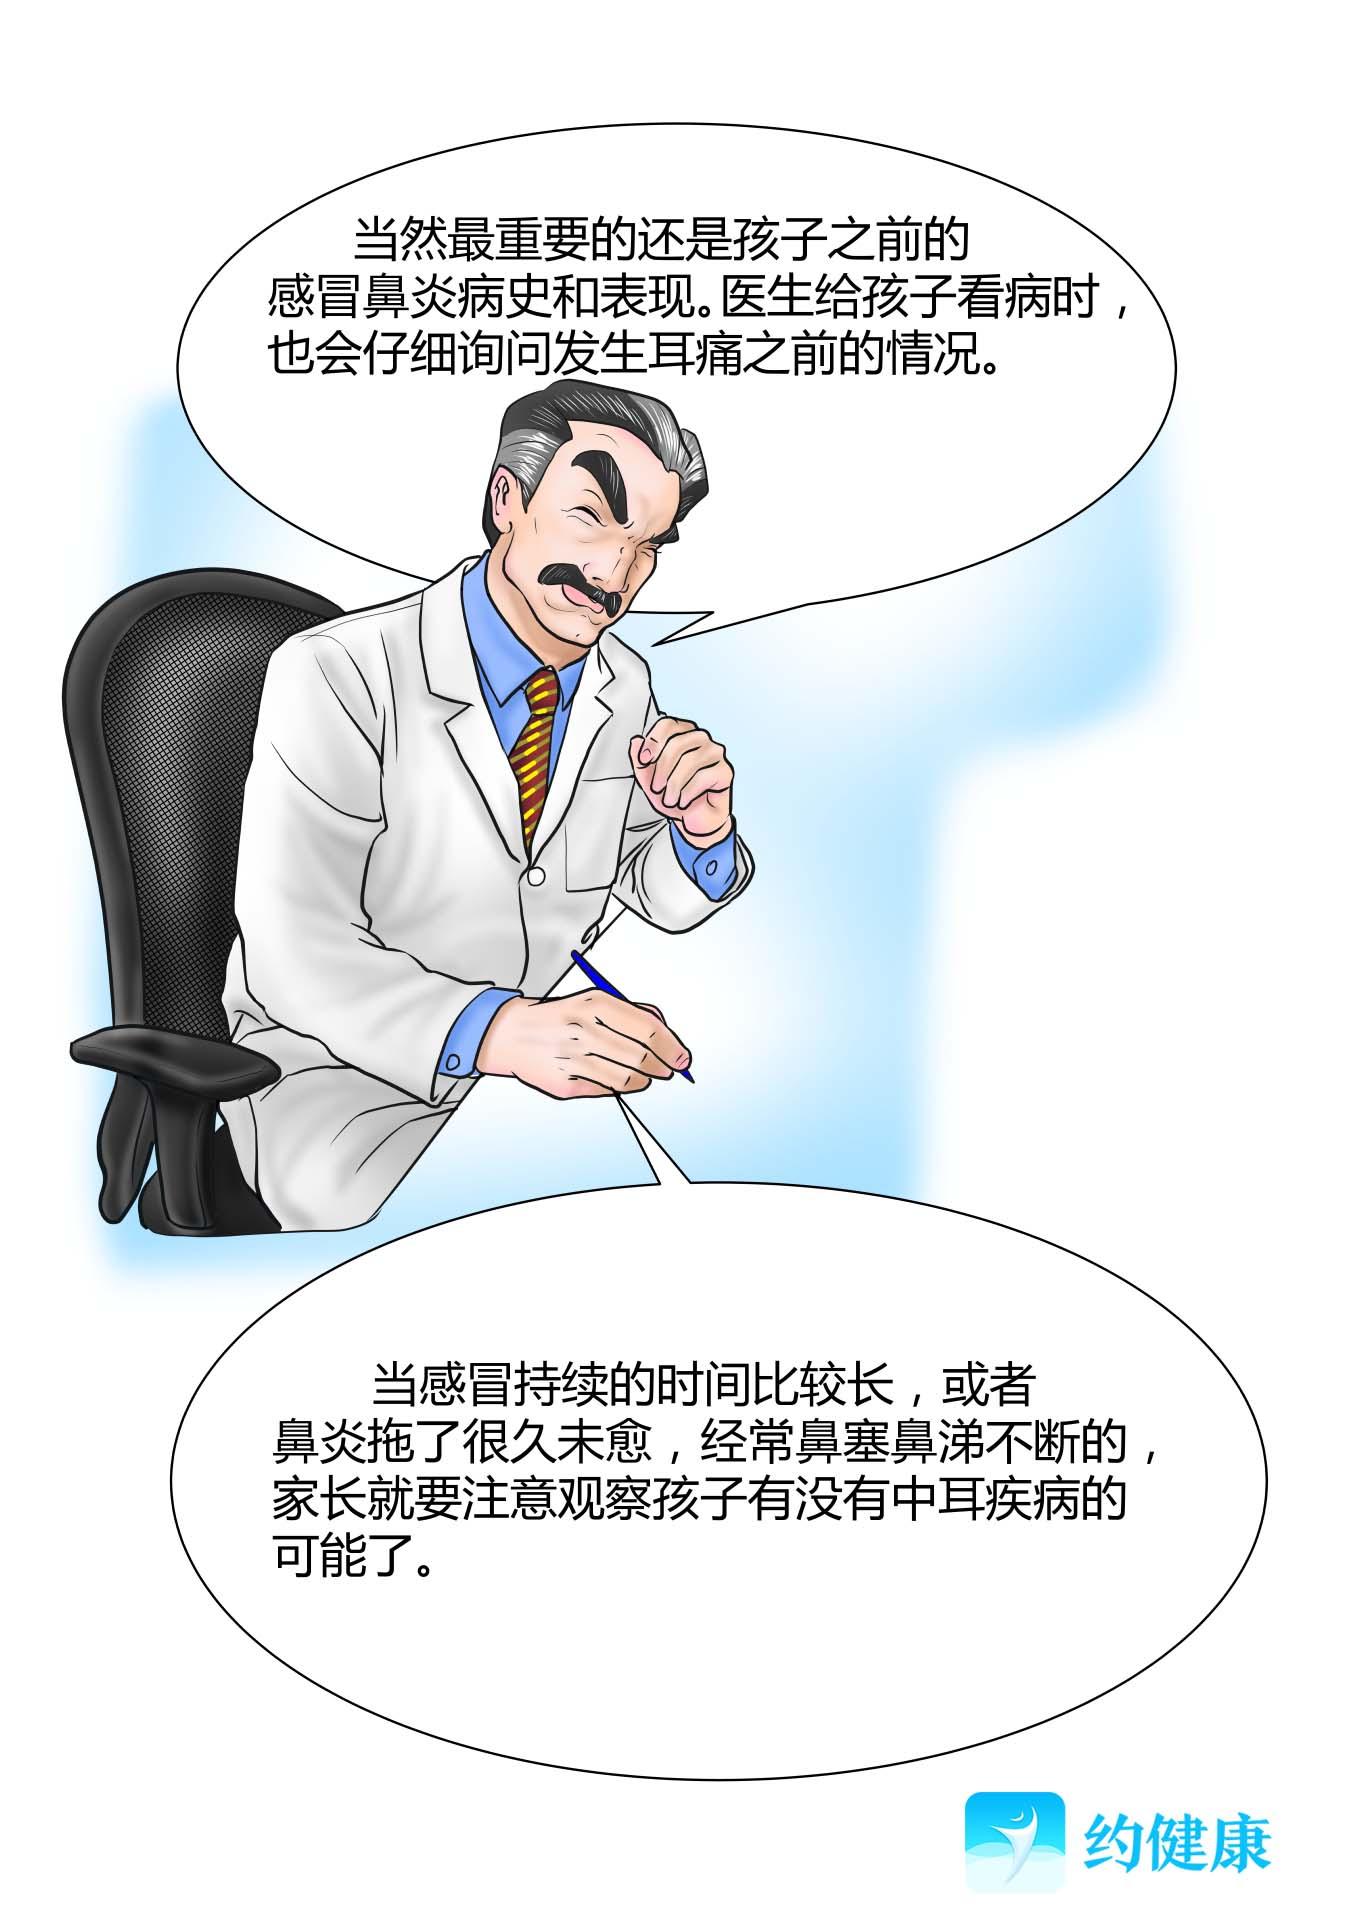 儿童急性中耳炎-人卫_015.jpg